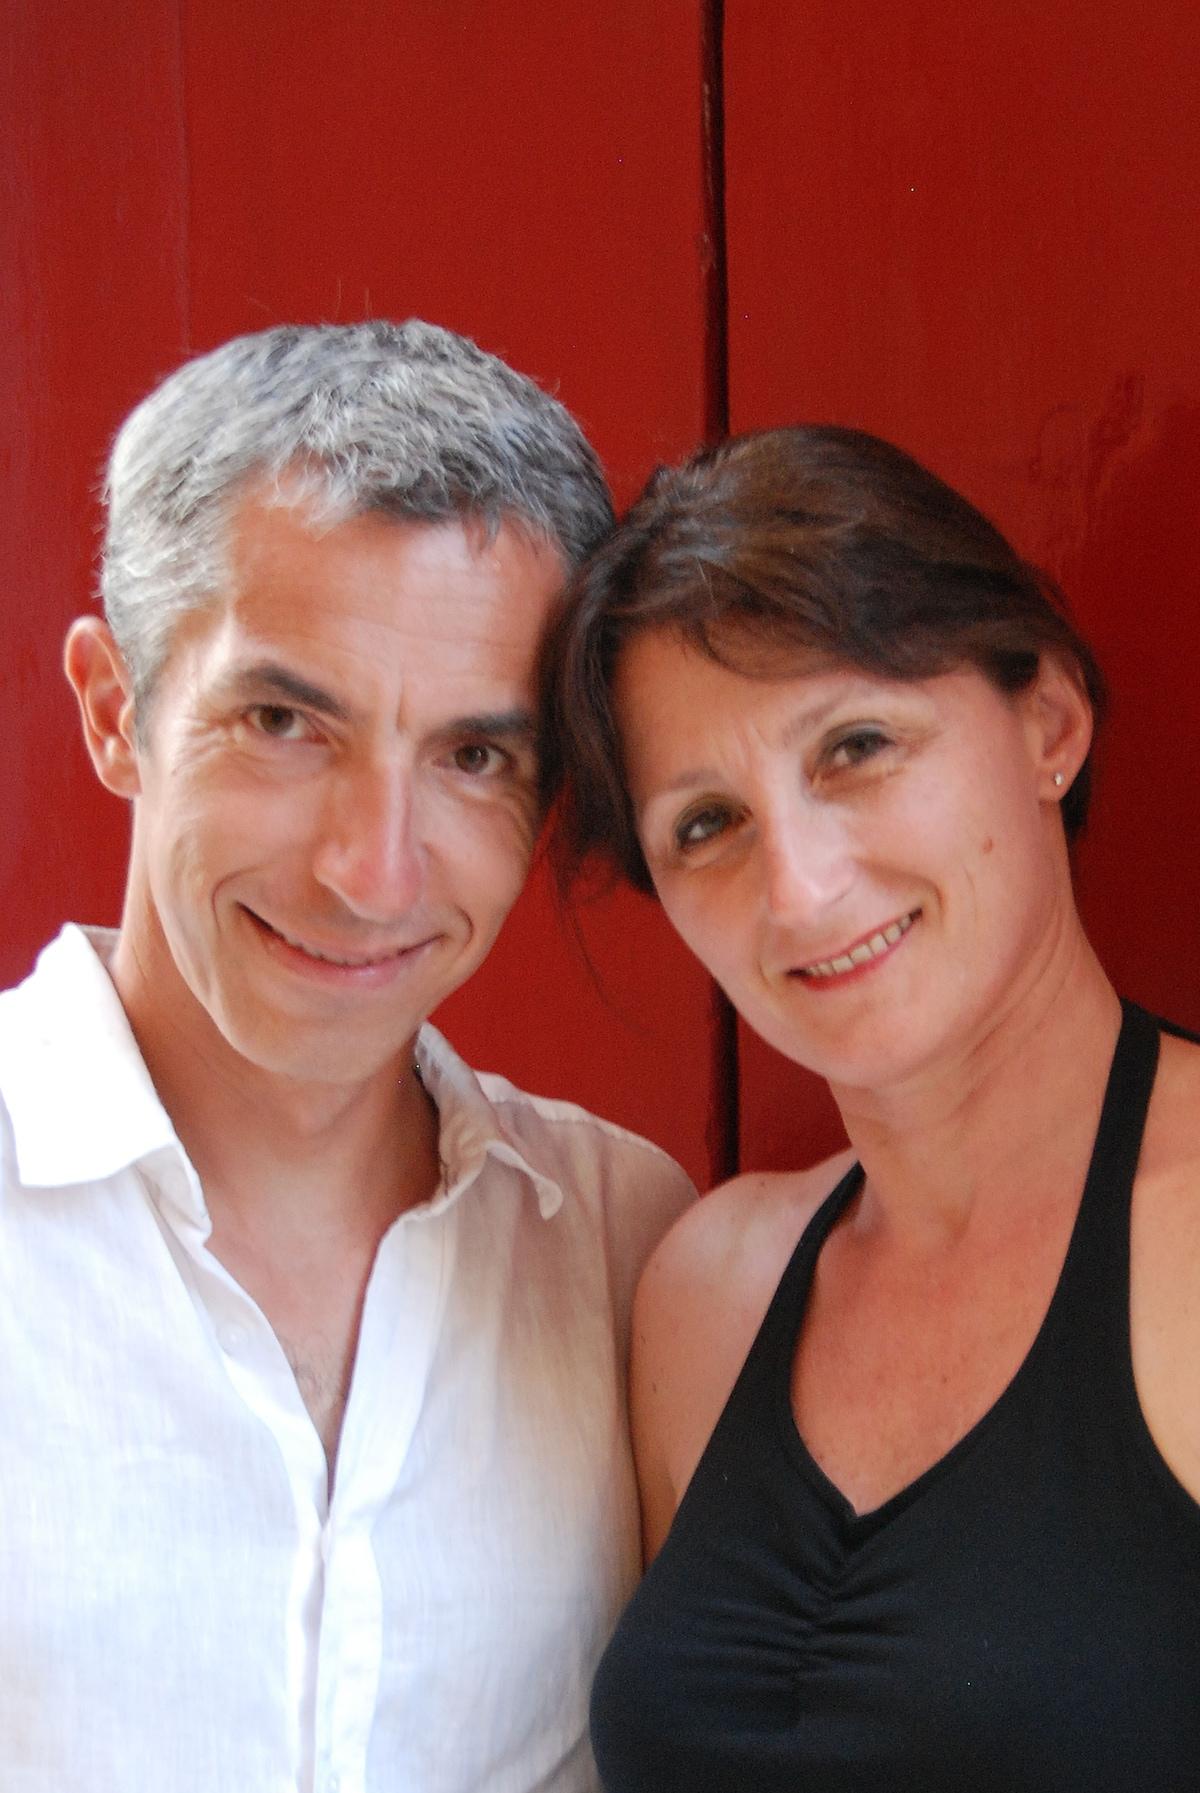 Nathalie & Frédéric from Sliema